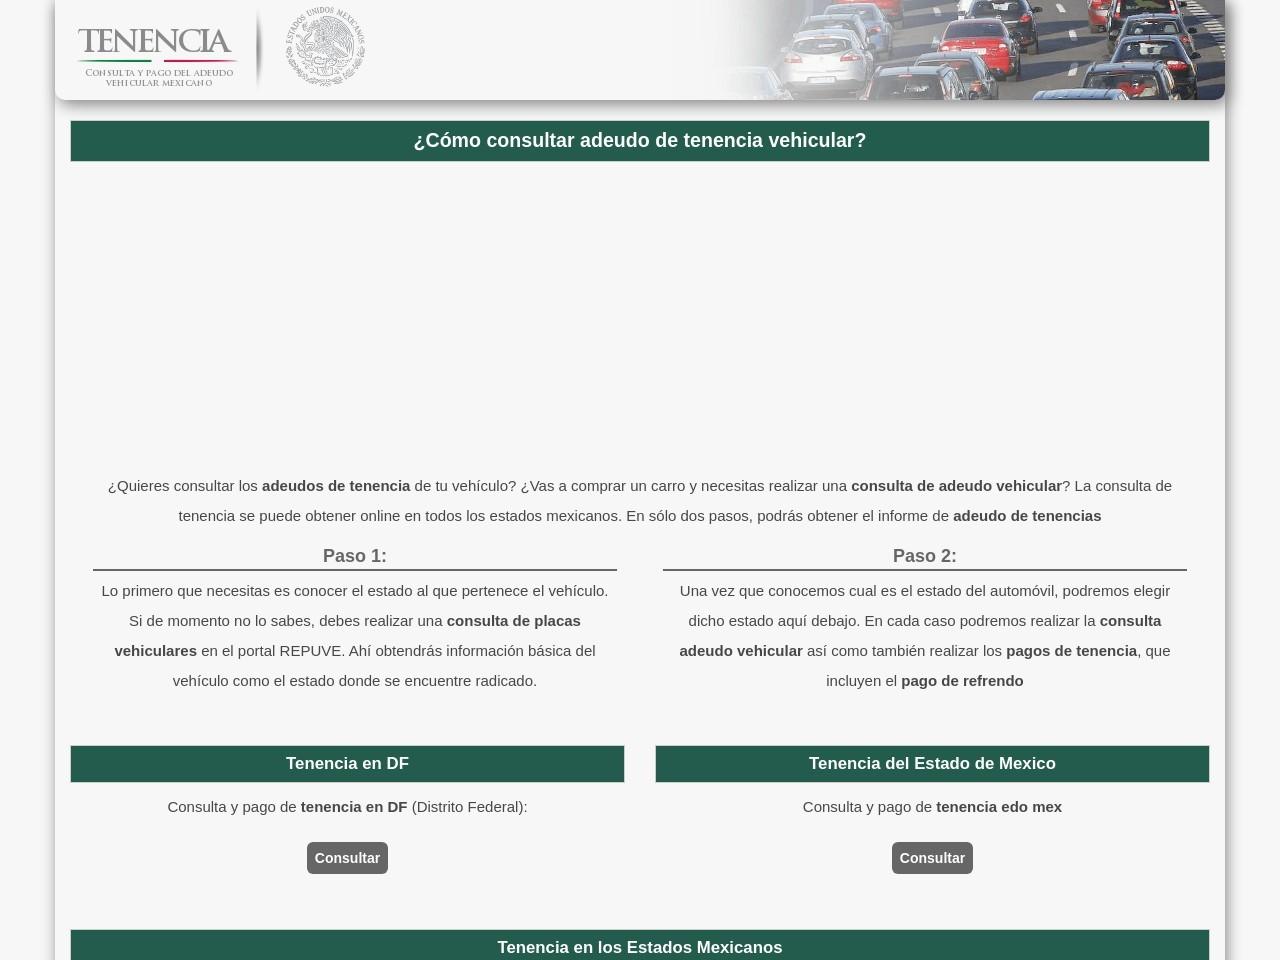 tenenciavehicular.com.mx